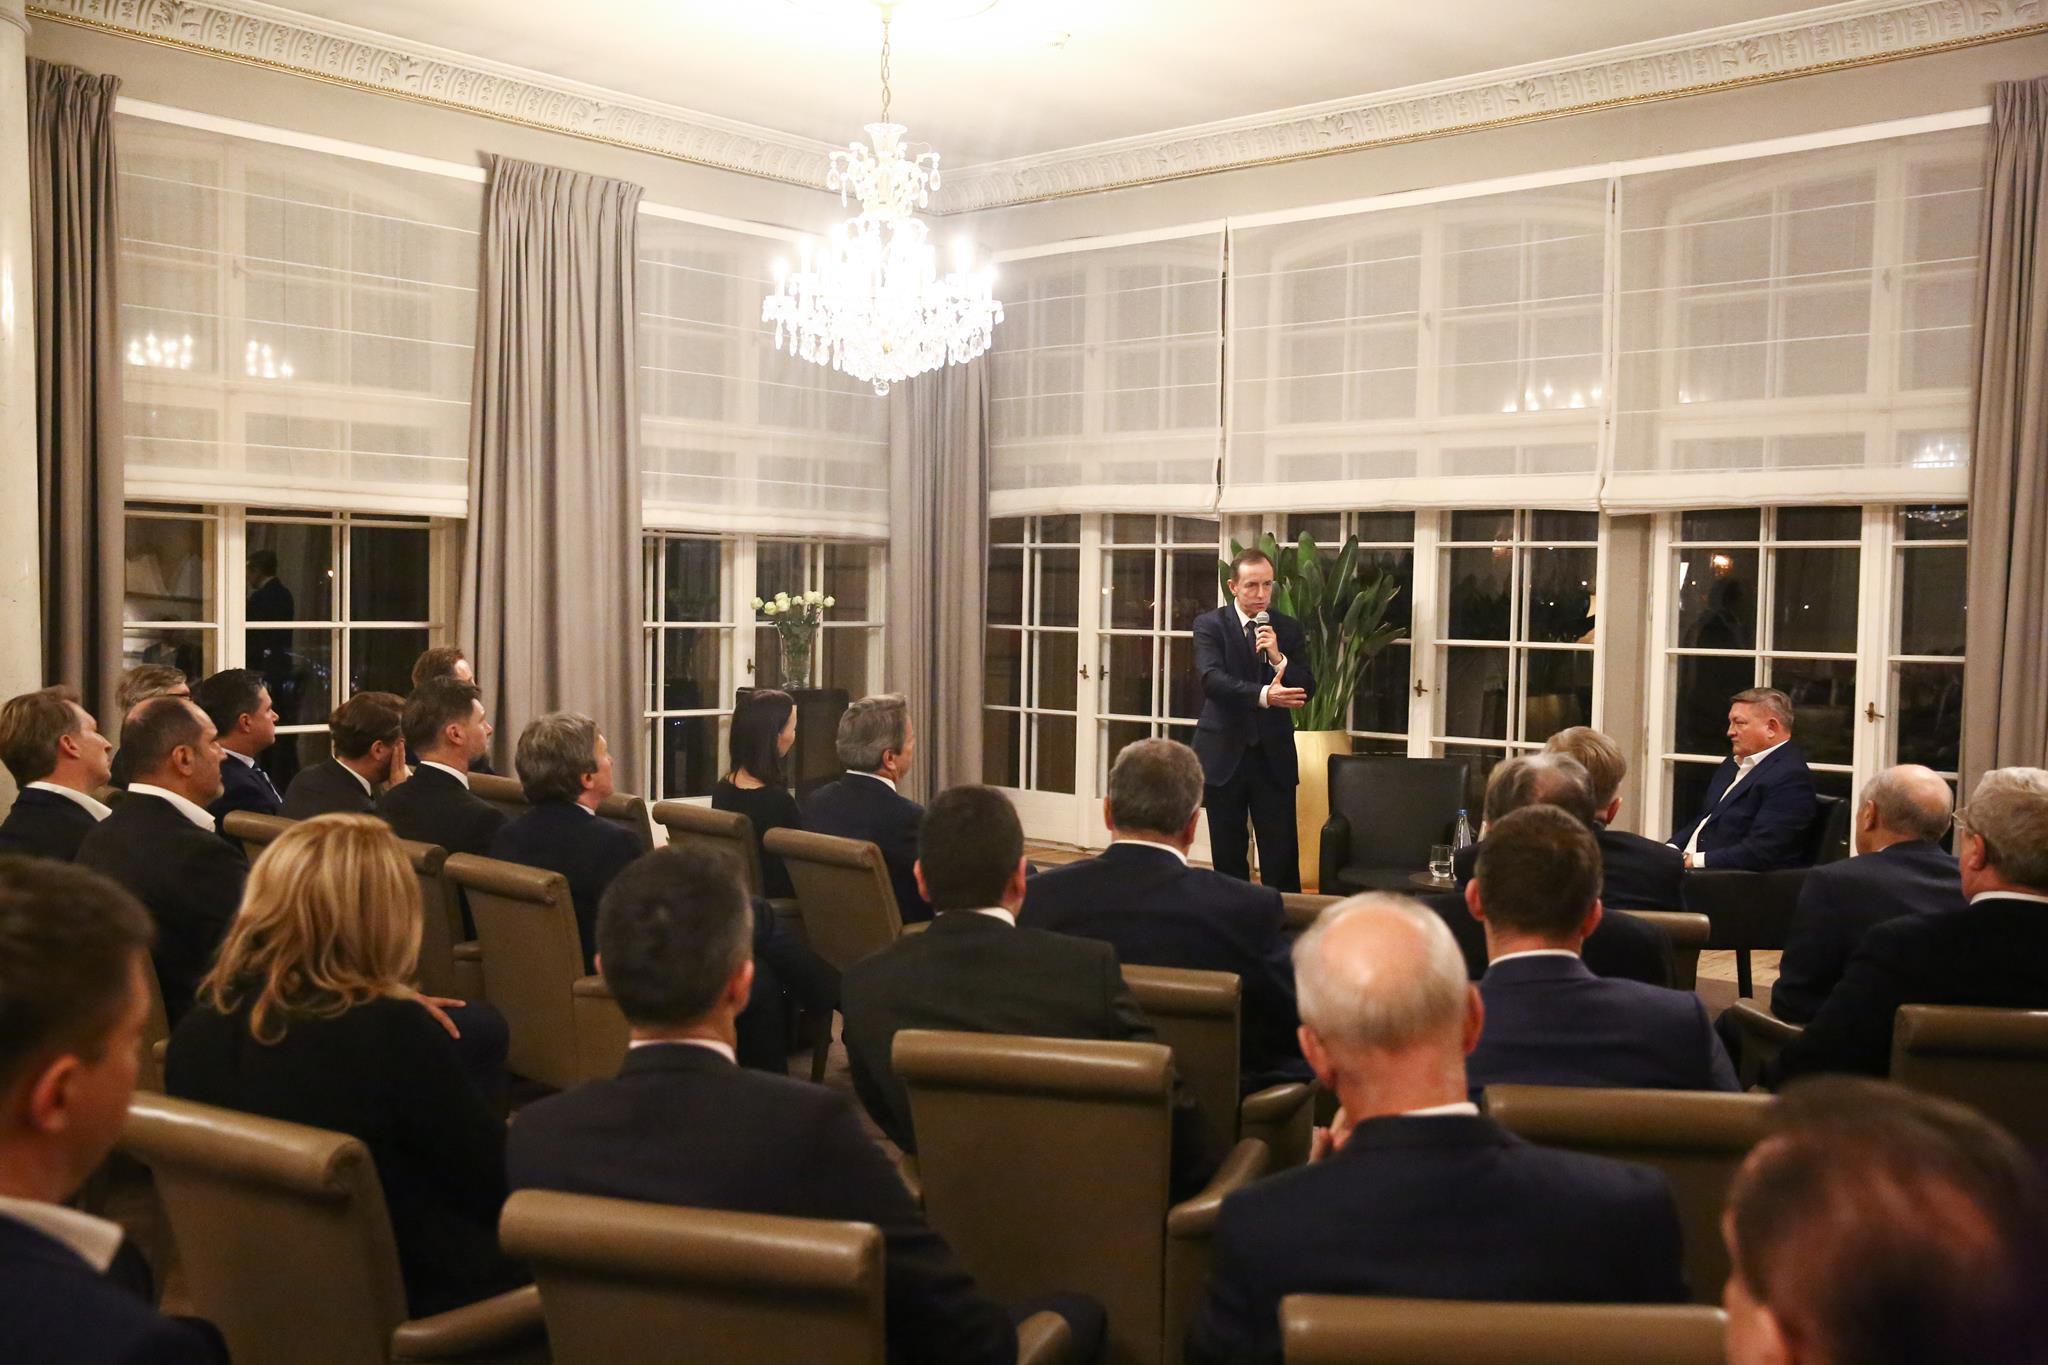 Marszałek Senatu Tomasz Grodzki spotkał się z polskimi biznesmenami